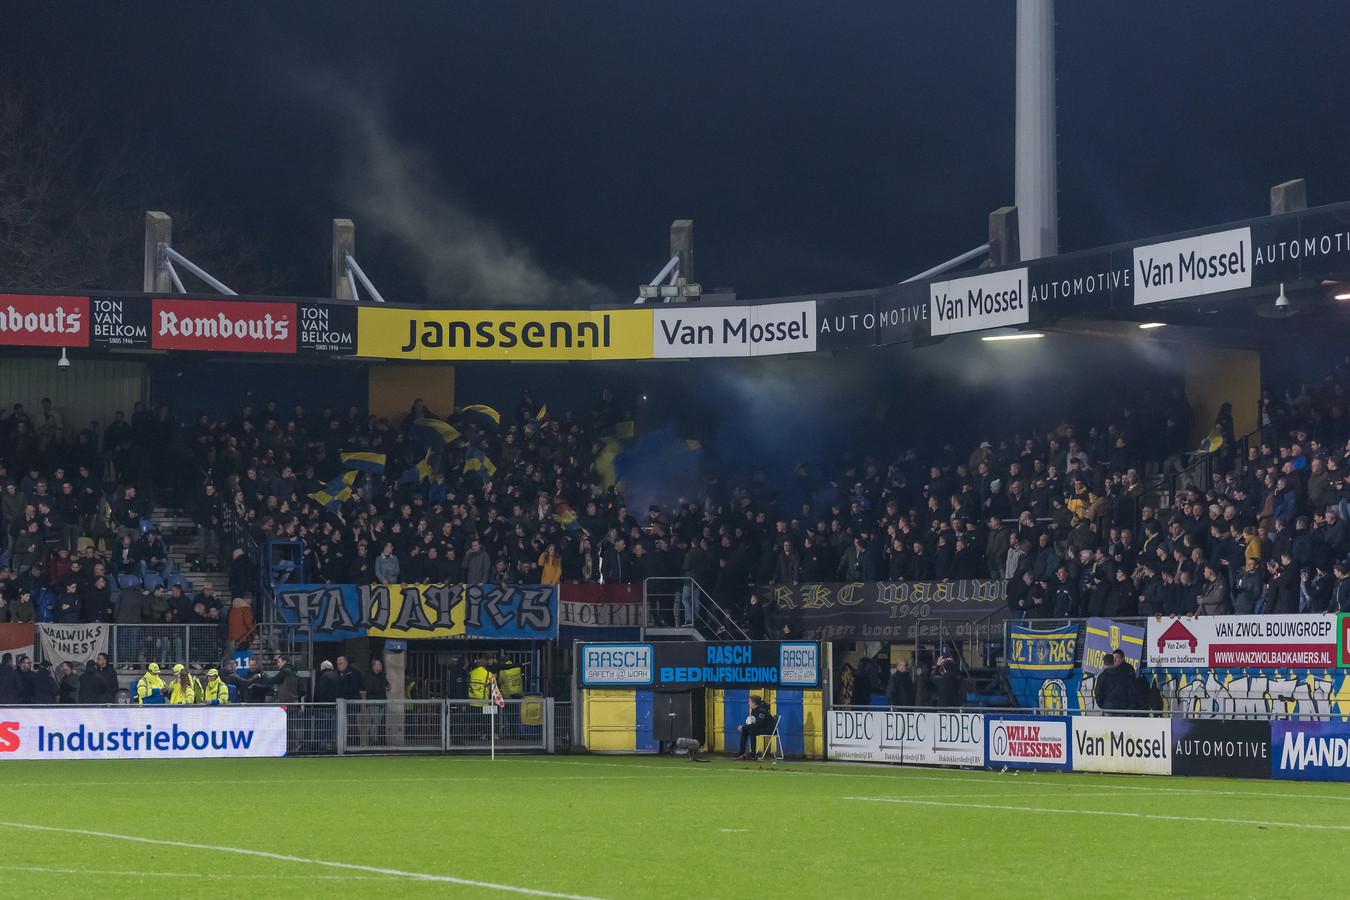 Algemeen directeur Frank van Mosselveld van RKC Waalwijk wil nog niet denken aan een jaar of meer voetbal zonder pubiek.